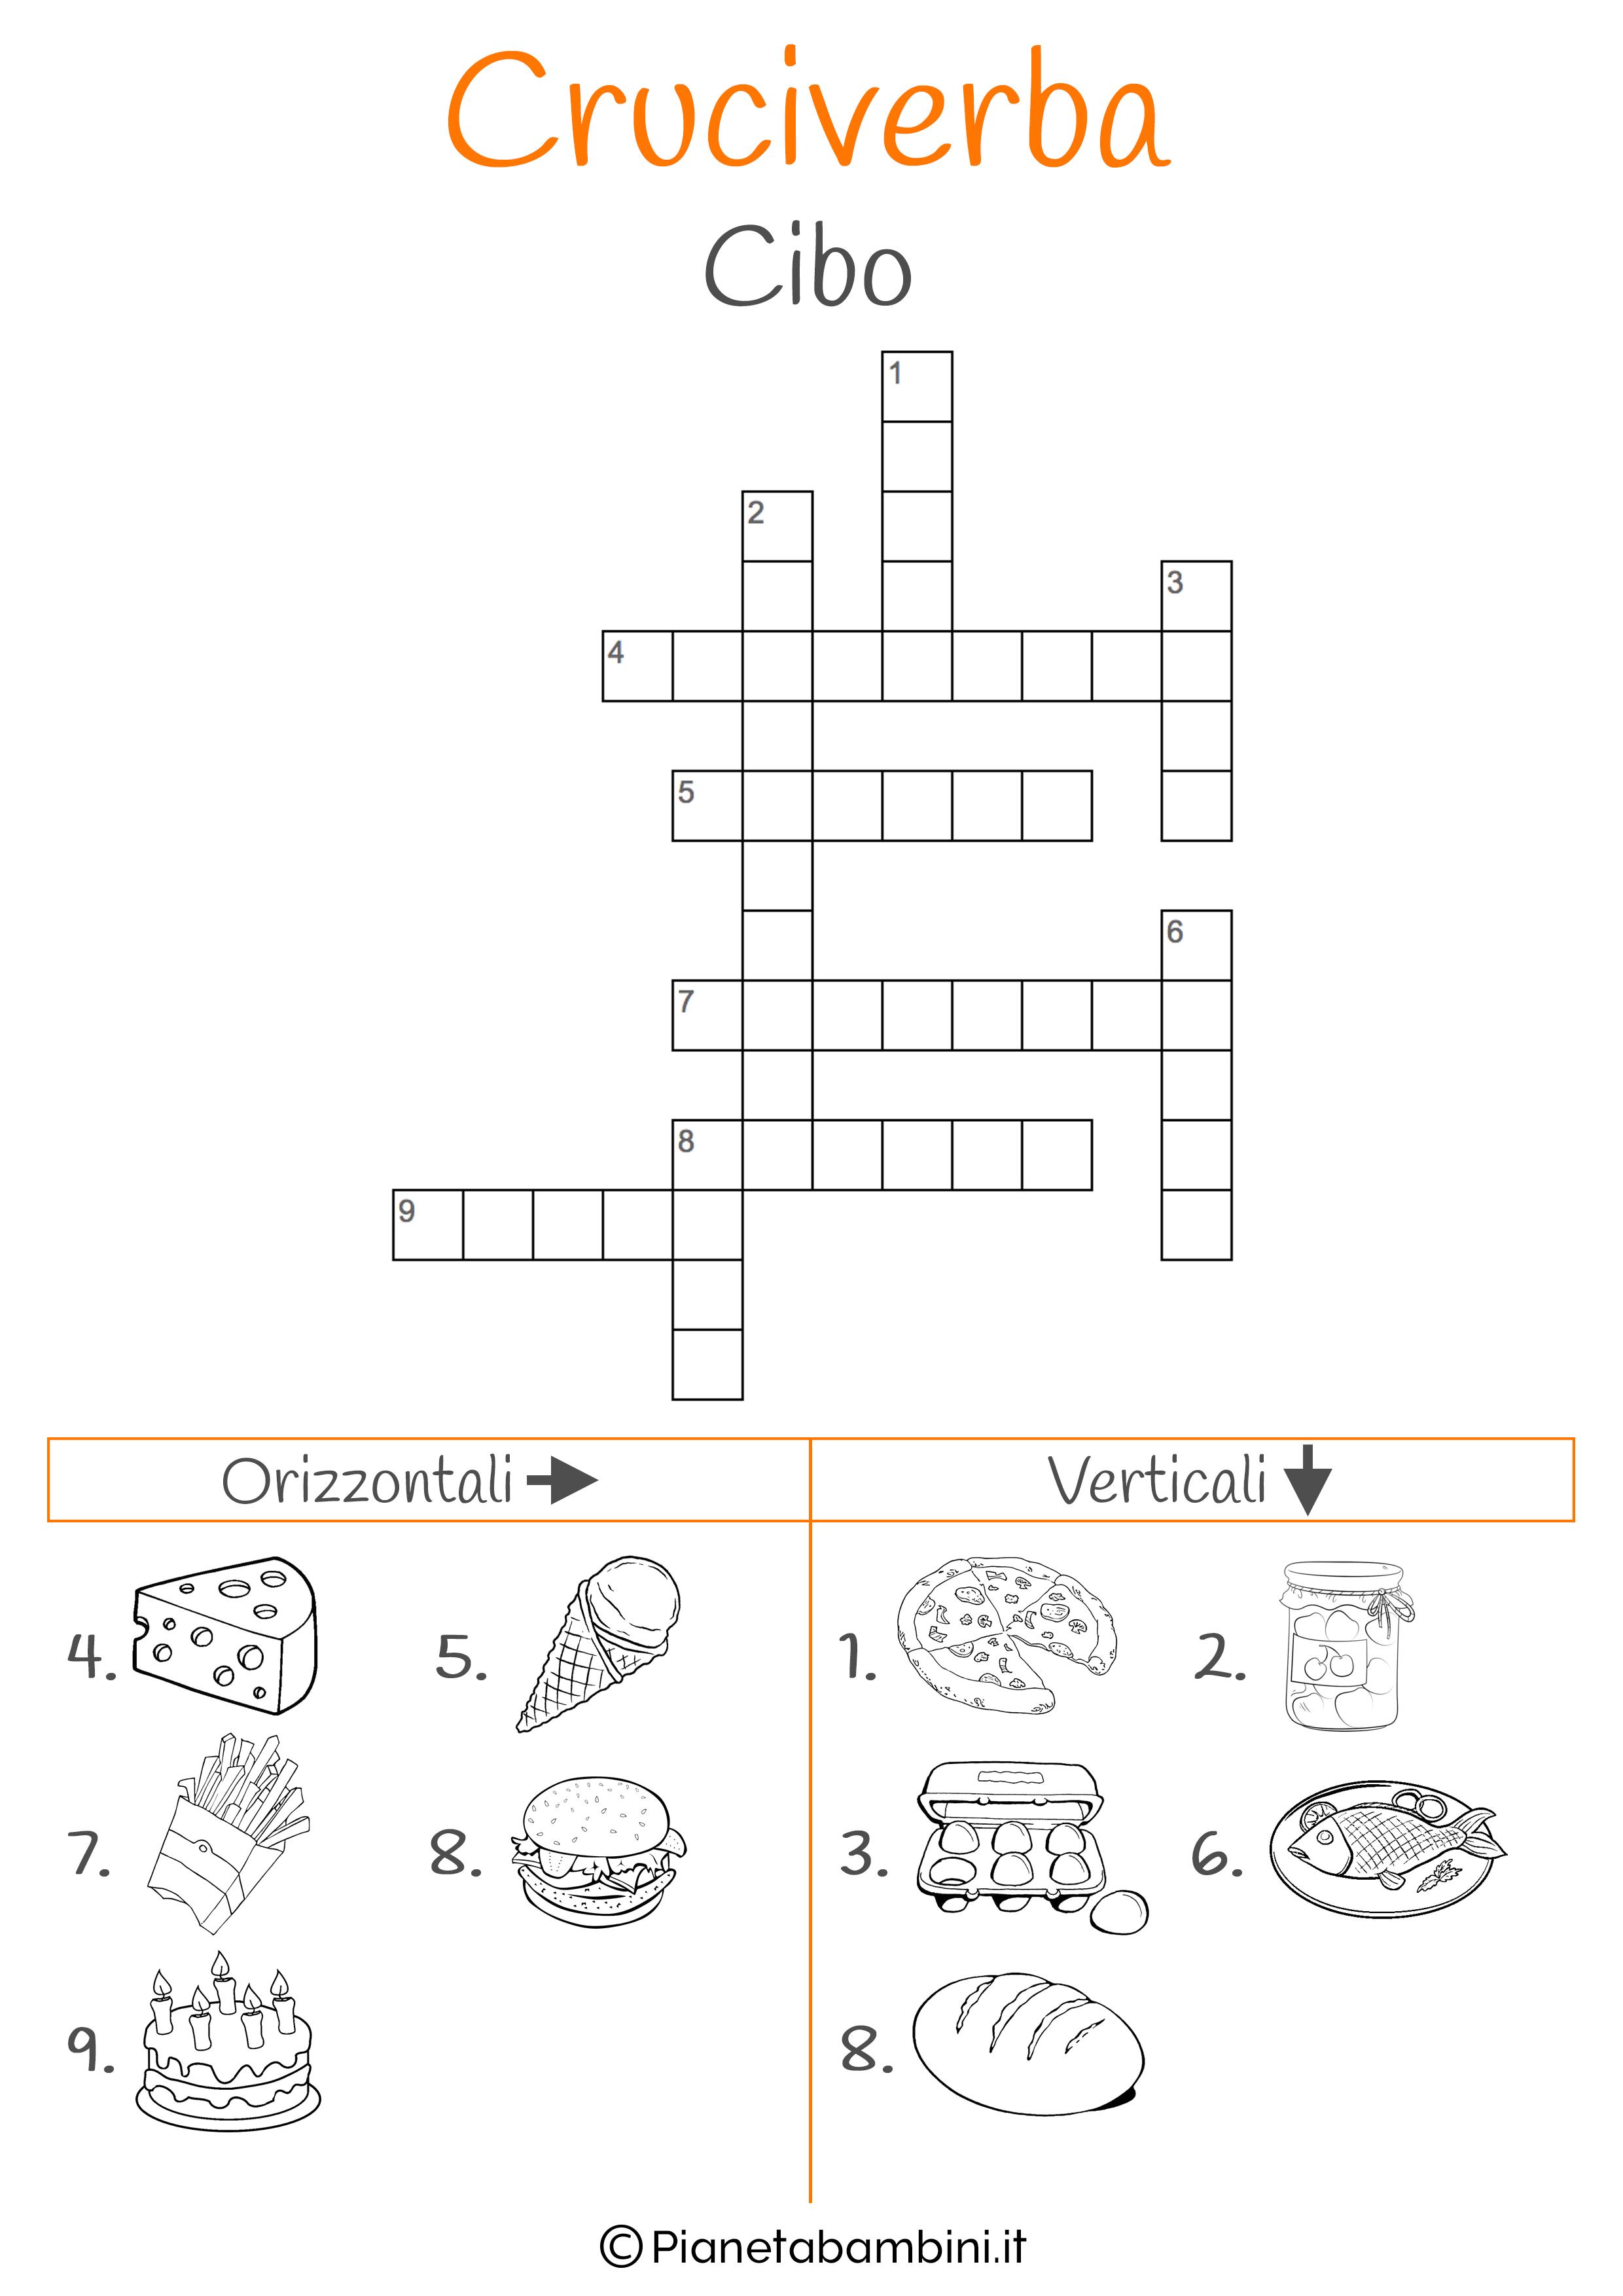 Cruciverba illustrato sul cibo